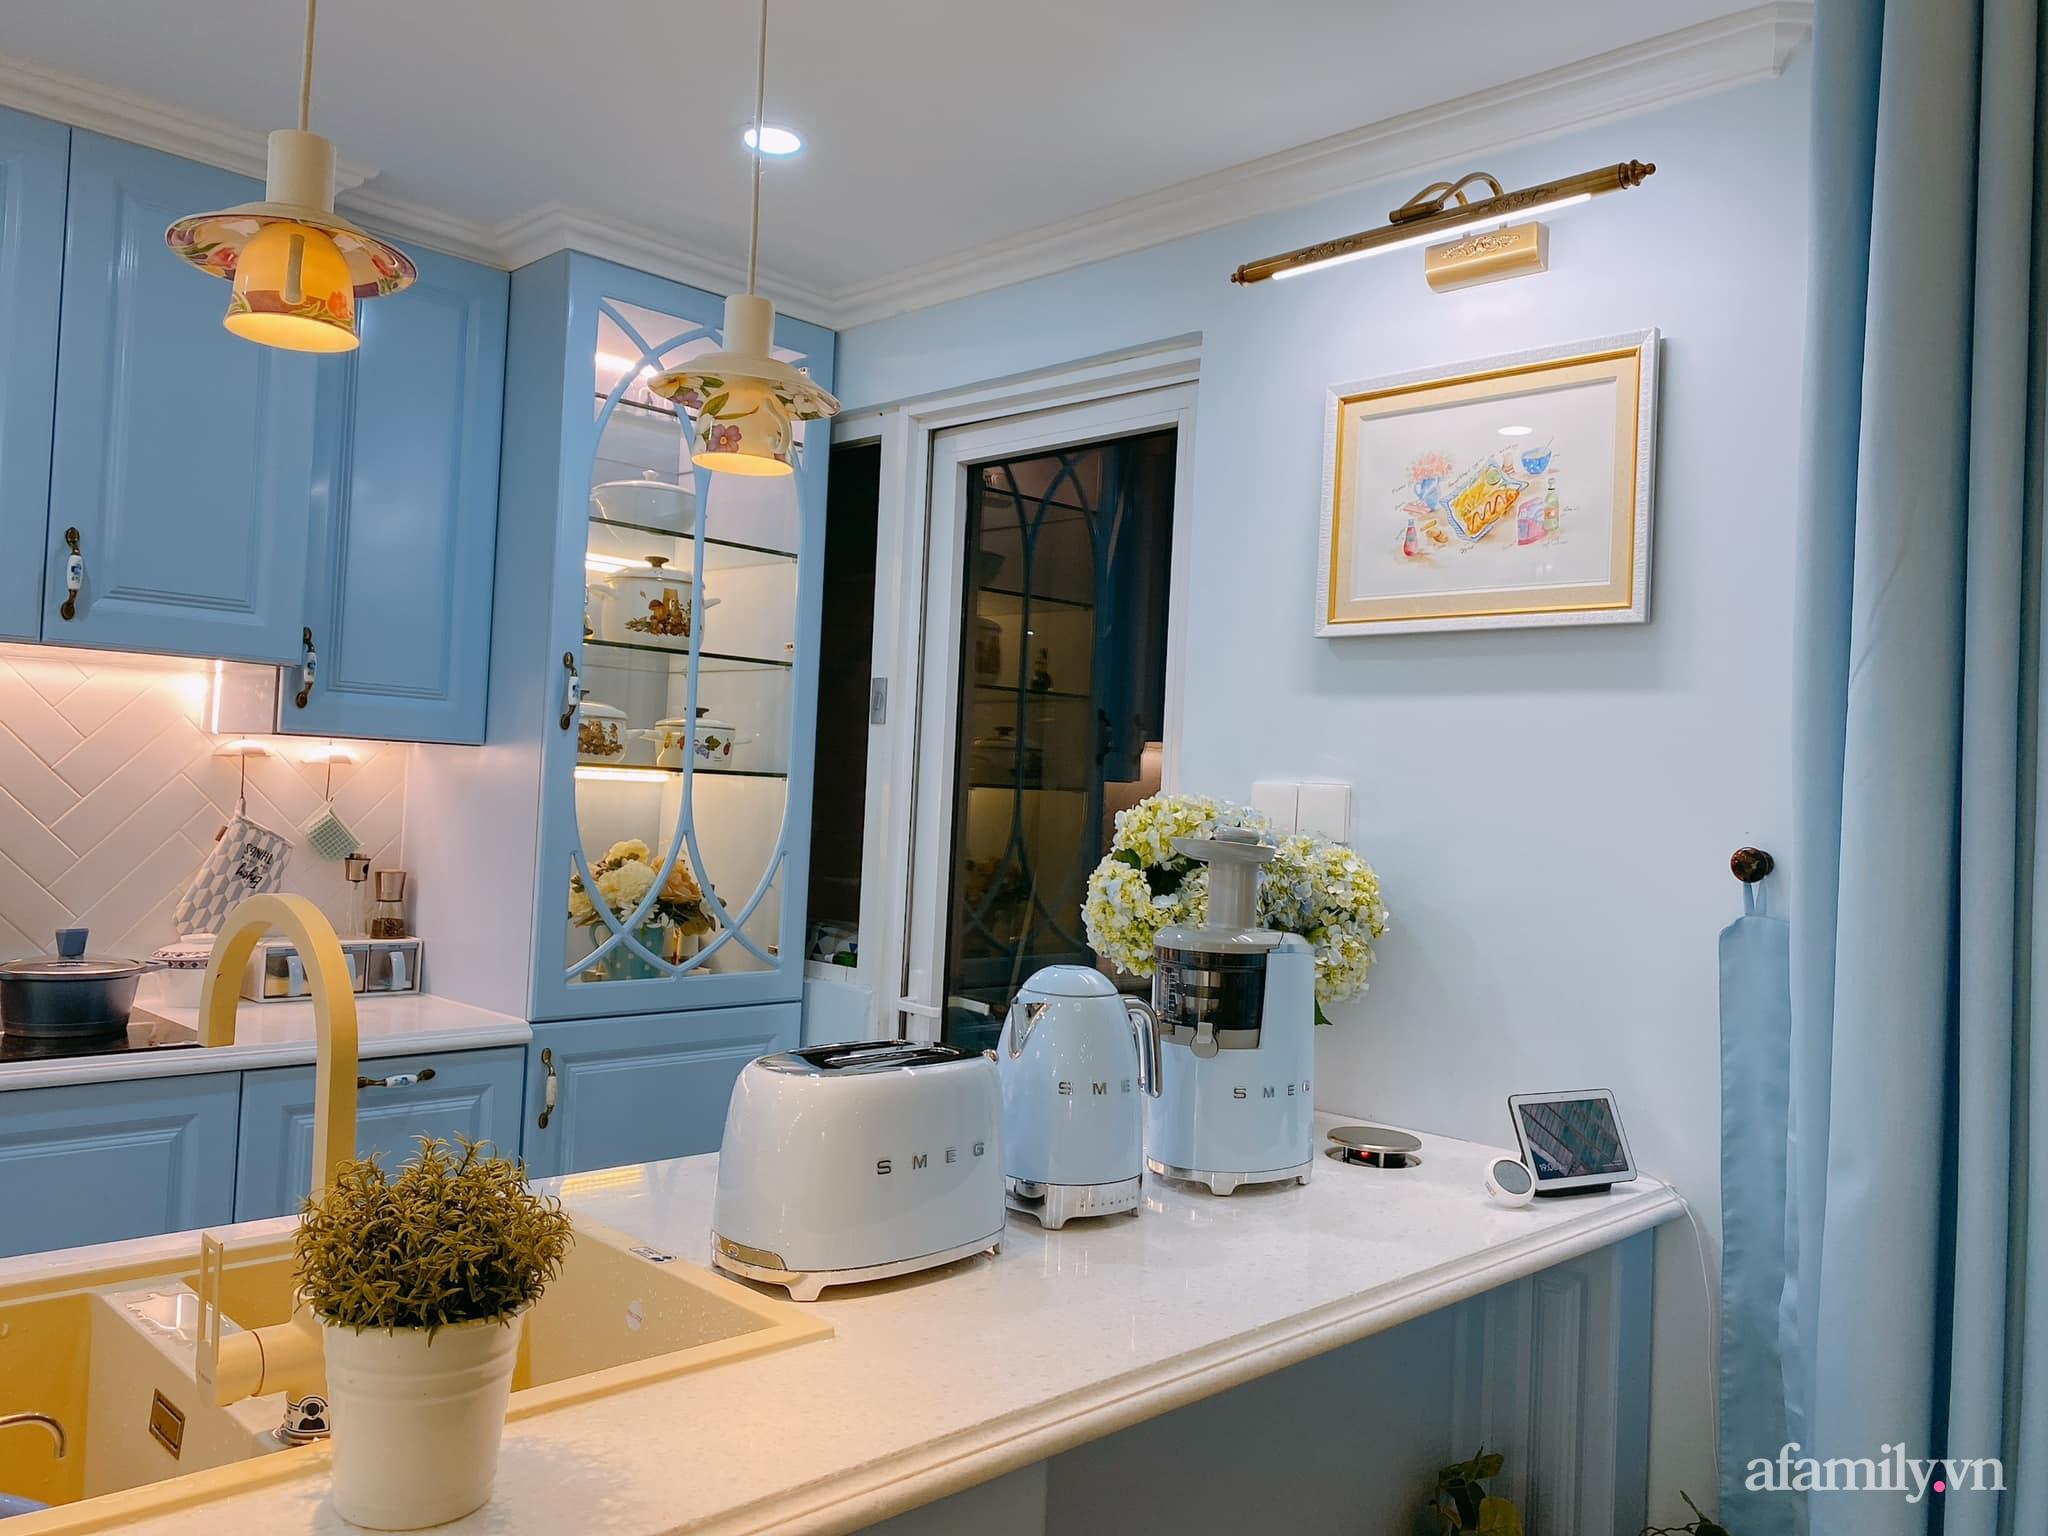 Căn bếp màu xanh yên bình, sang trọng với đủ thiết bị hiện đại của mẹ trẻ xinh đẹp Sài Thành - Ảnh 14.